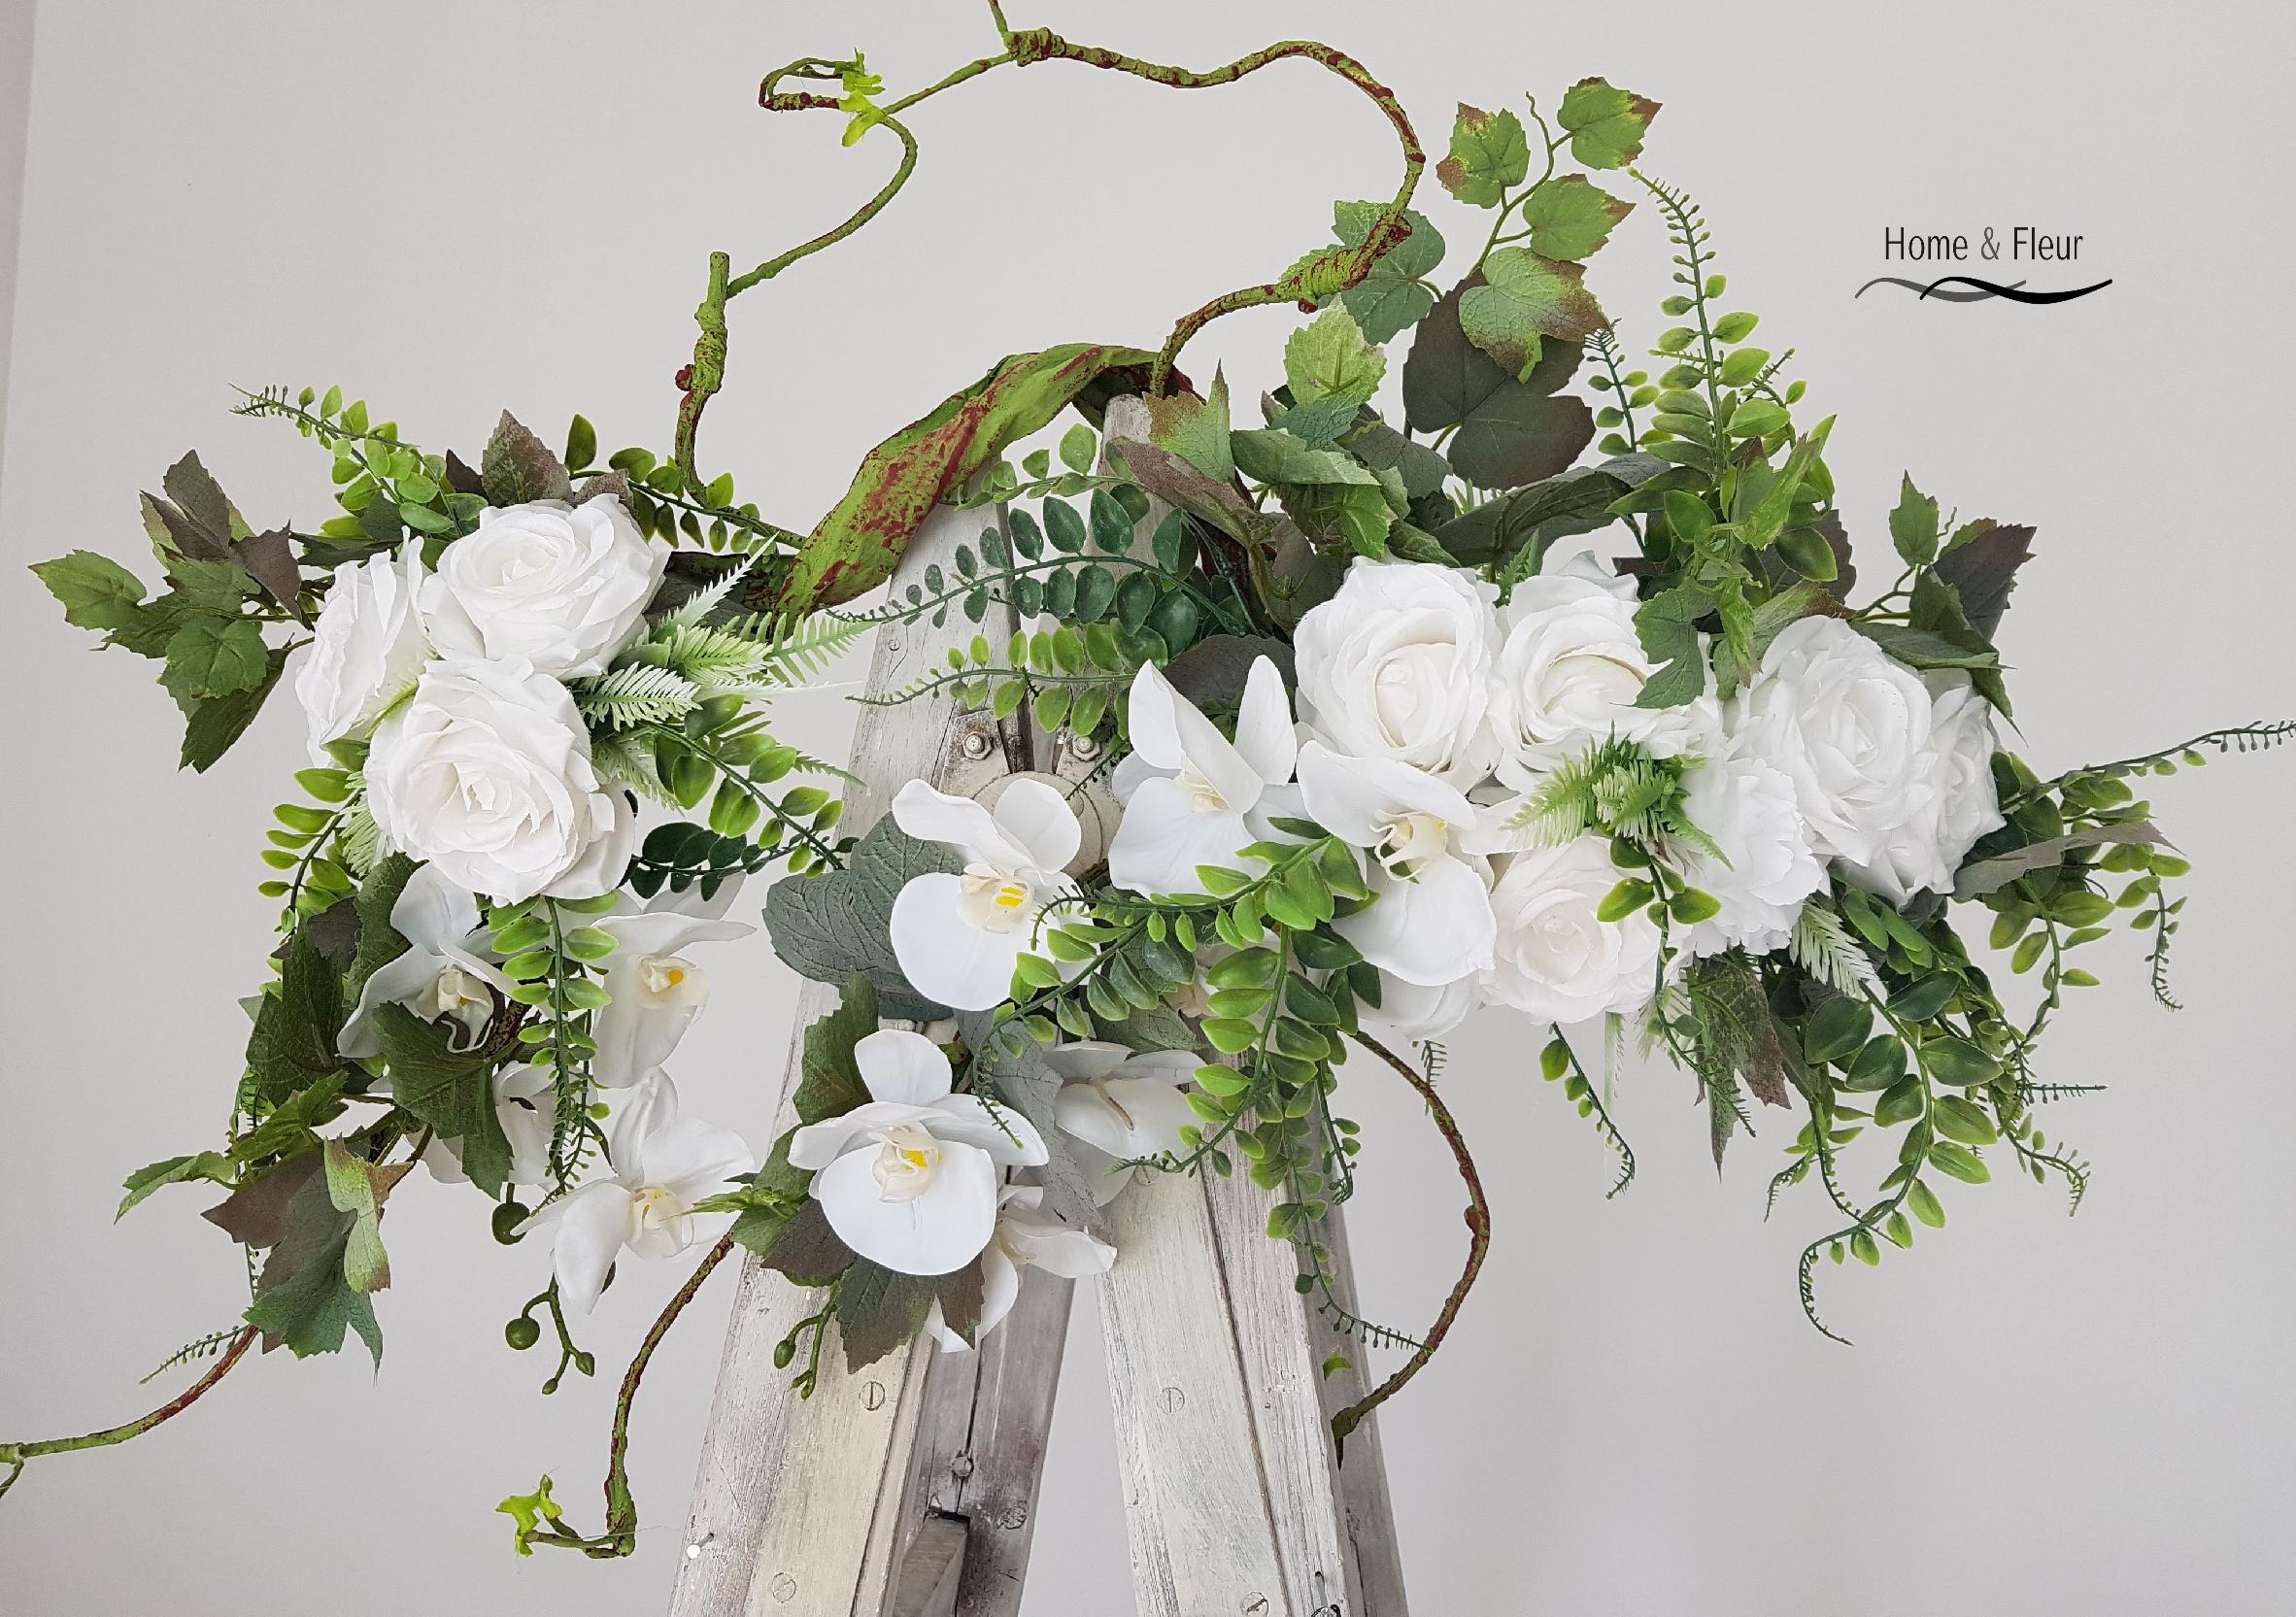 Girlanda Kwiatowa Klasa Premium Biale Dodatki 8064698098 Oficjalne Archiwum Allegro Wreaths Hoop Wreath Decor